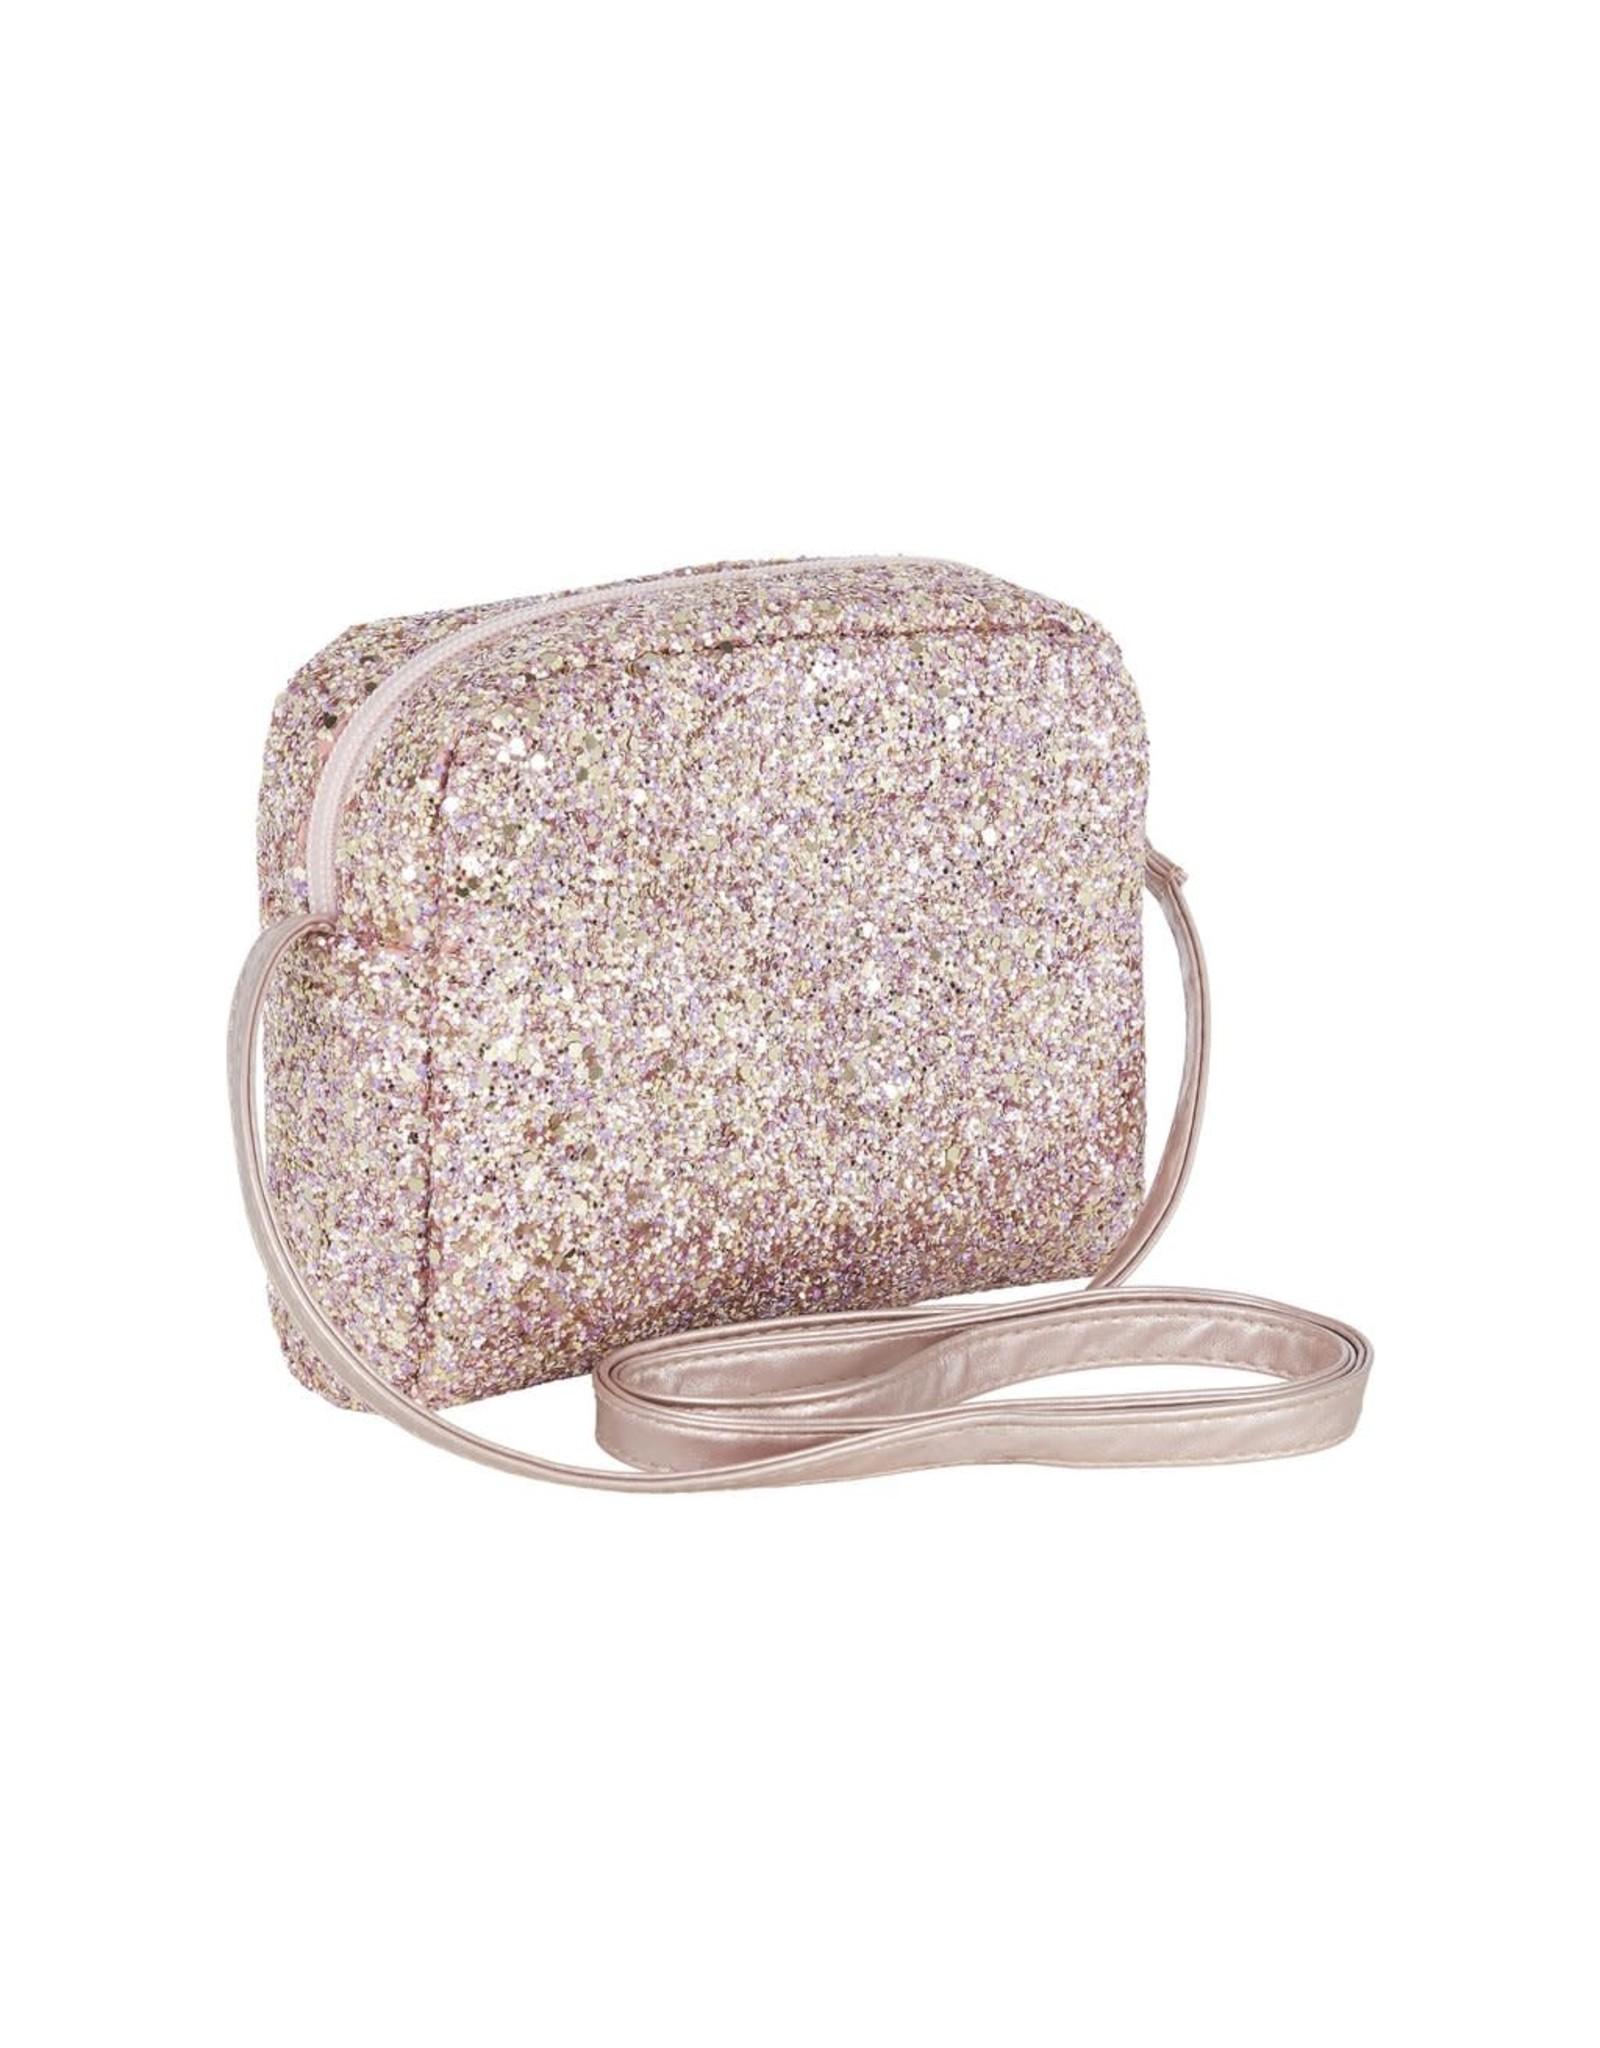 Mimi & Lula tasje roze glitter